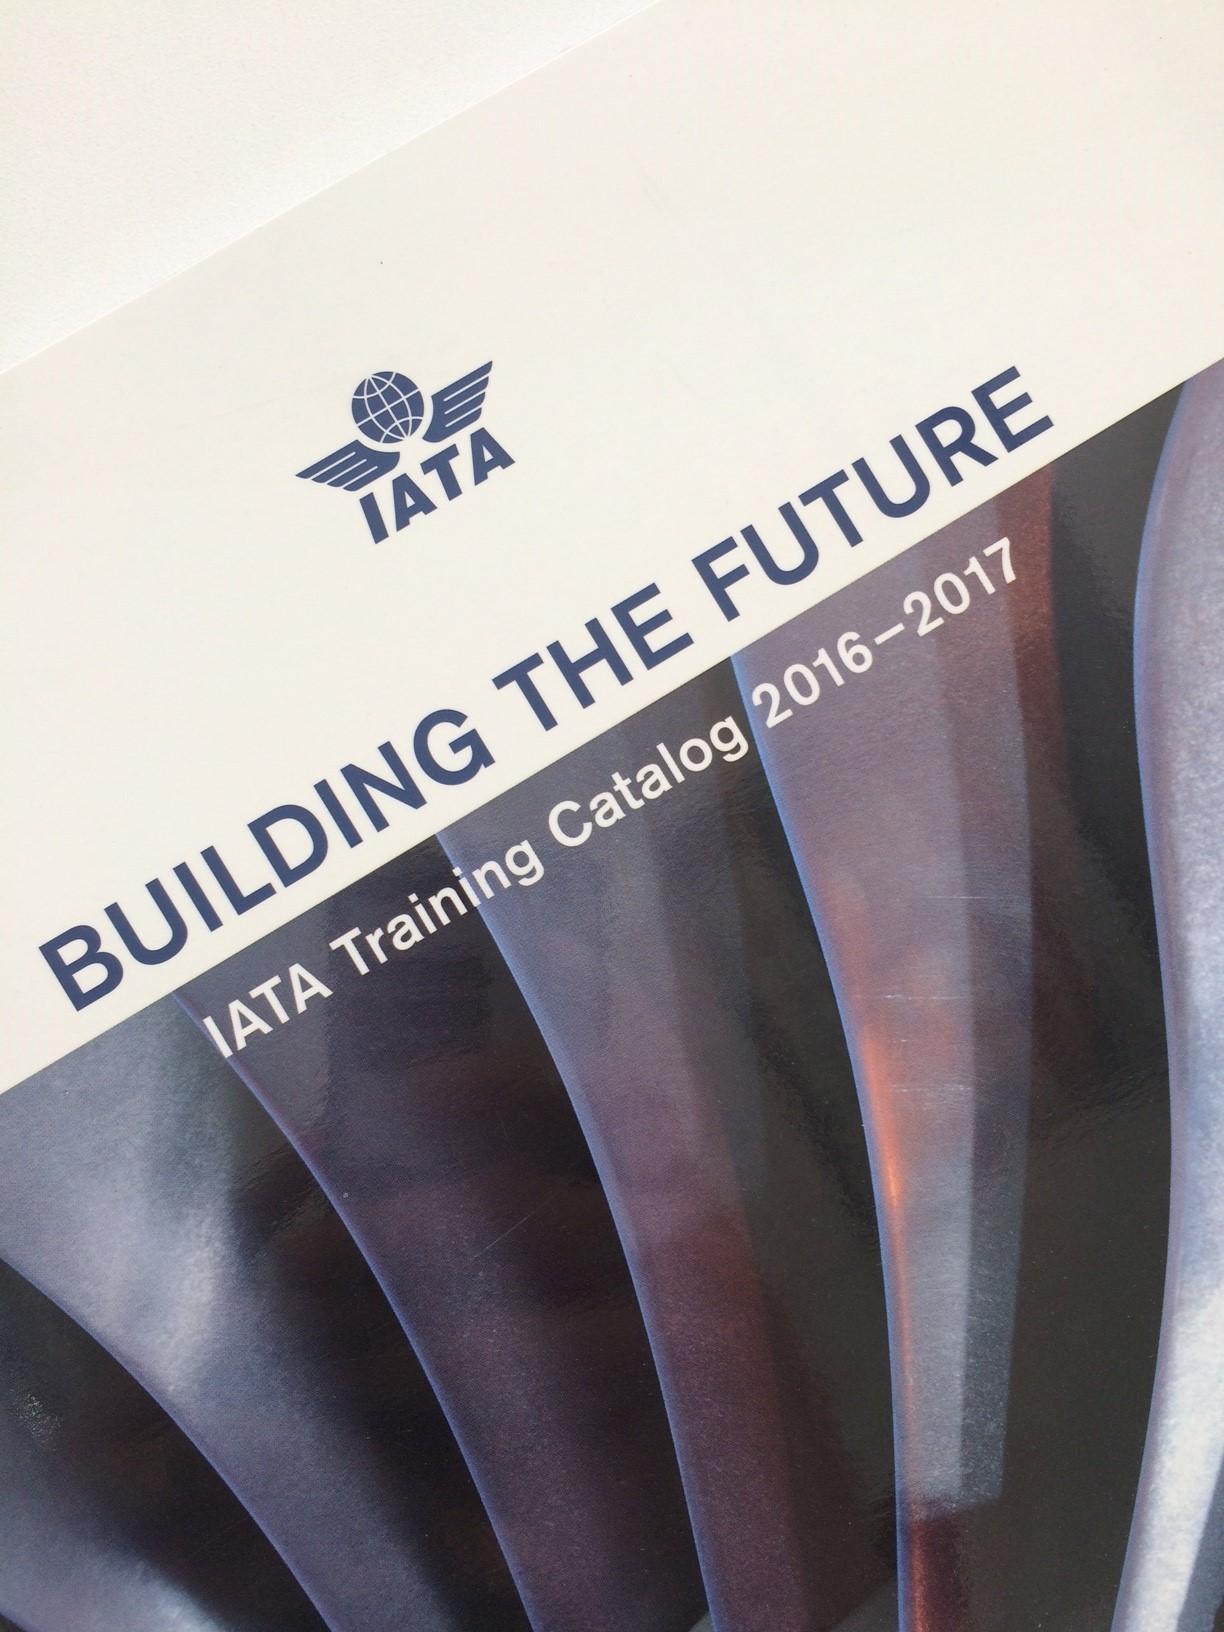 Sudamérica contará con cinco nuevos IATA Training Centers en 2016